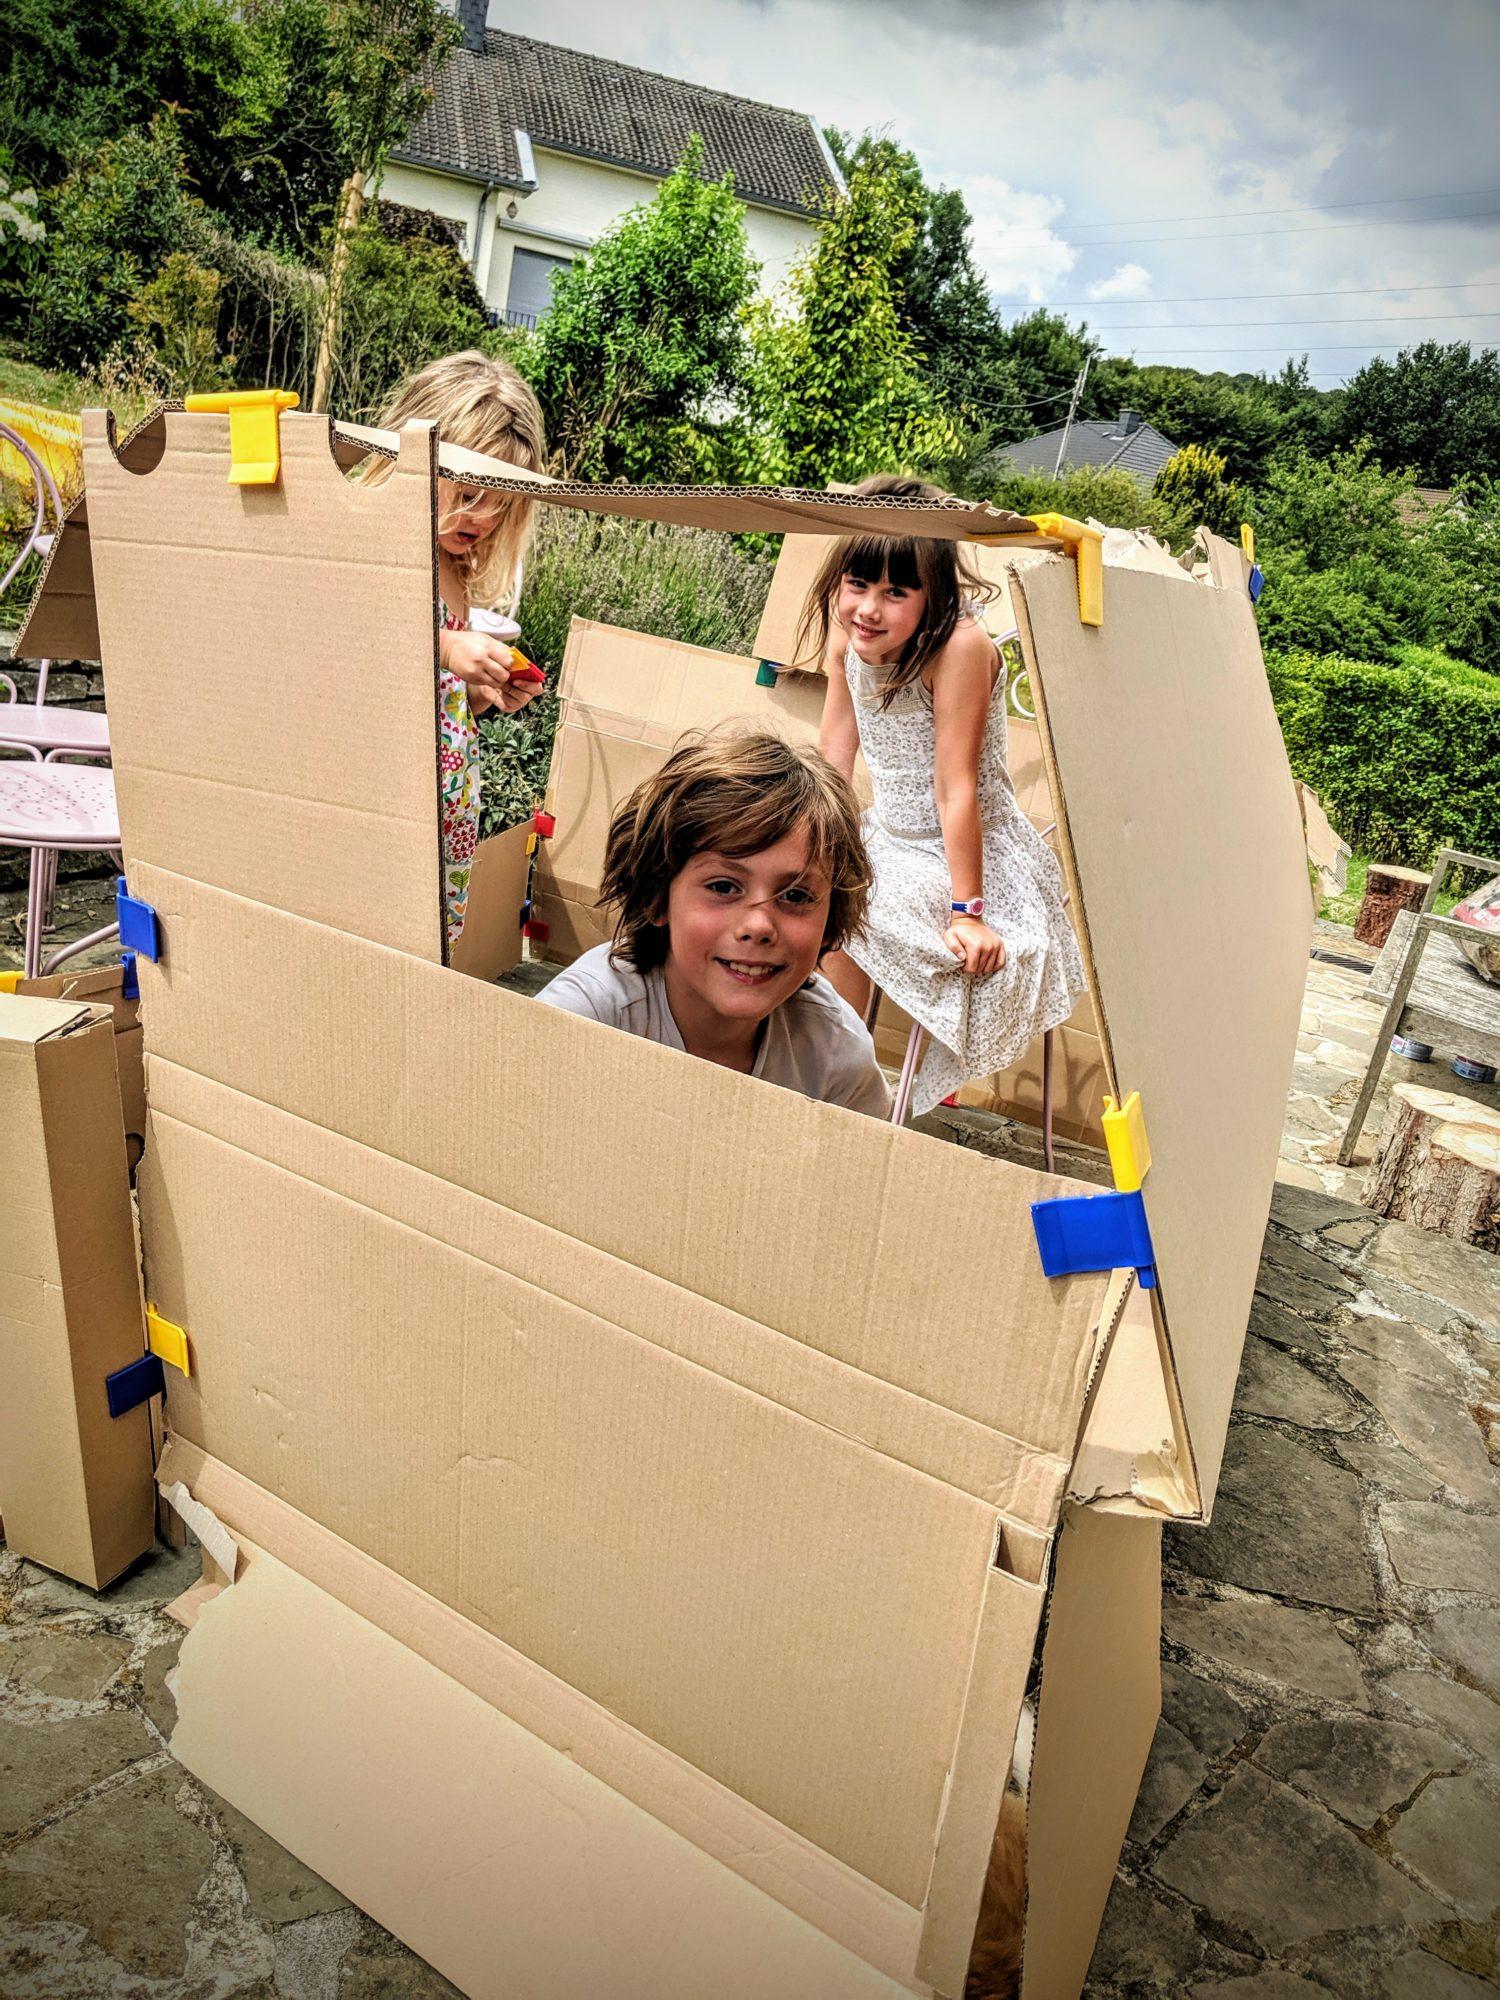 Il y a trop de vent, mais regarde Catherine, on construit une grande maison IKEA